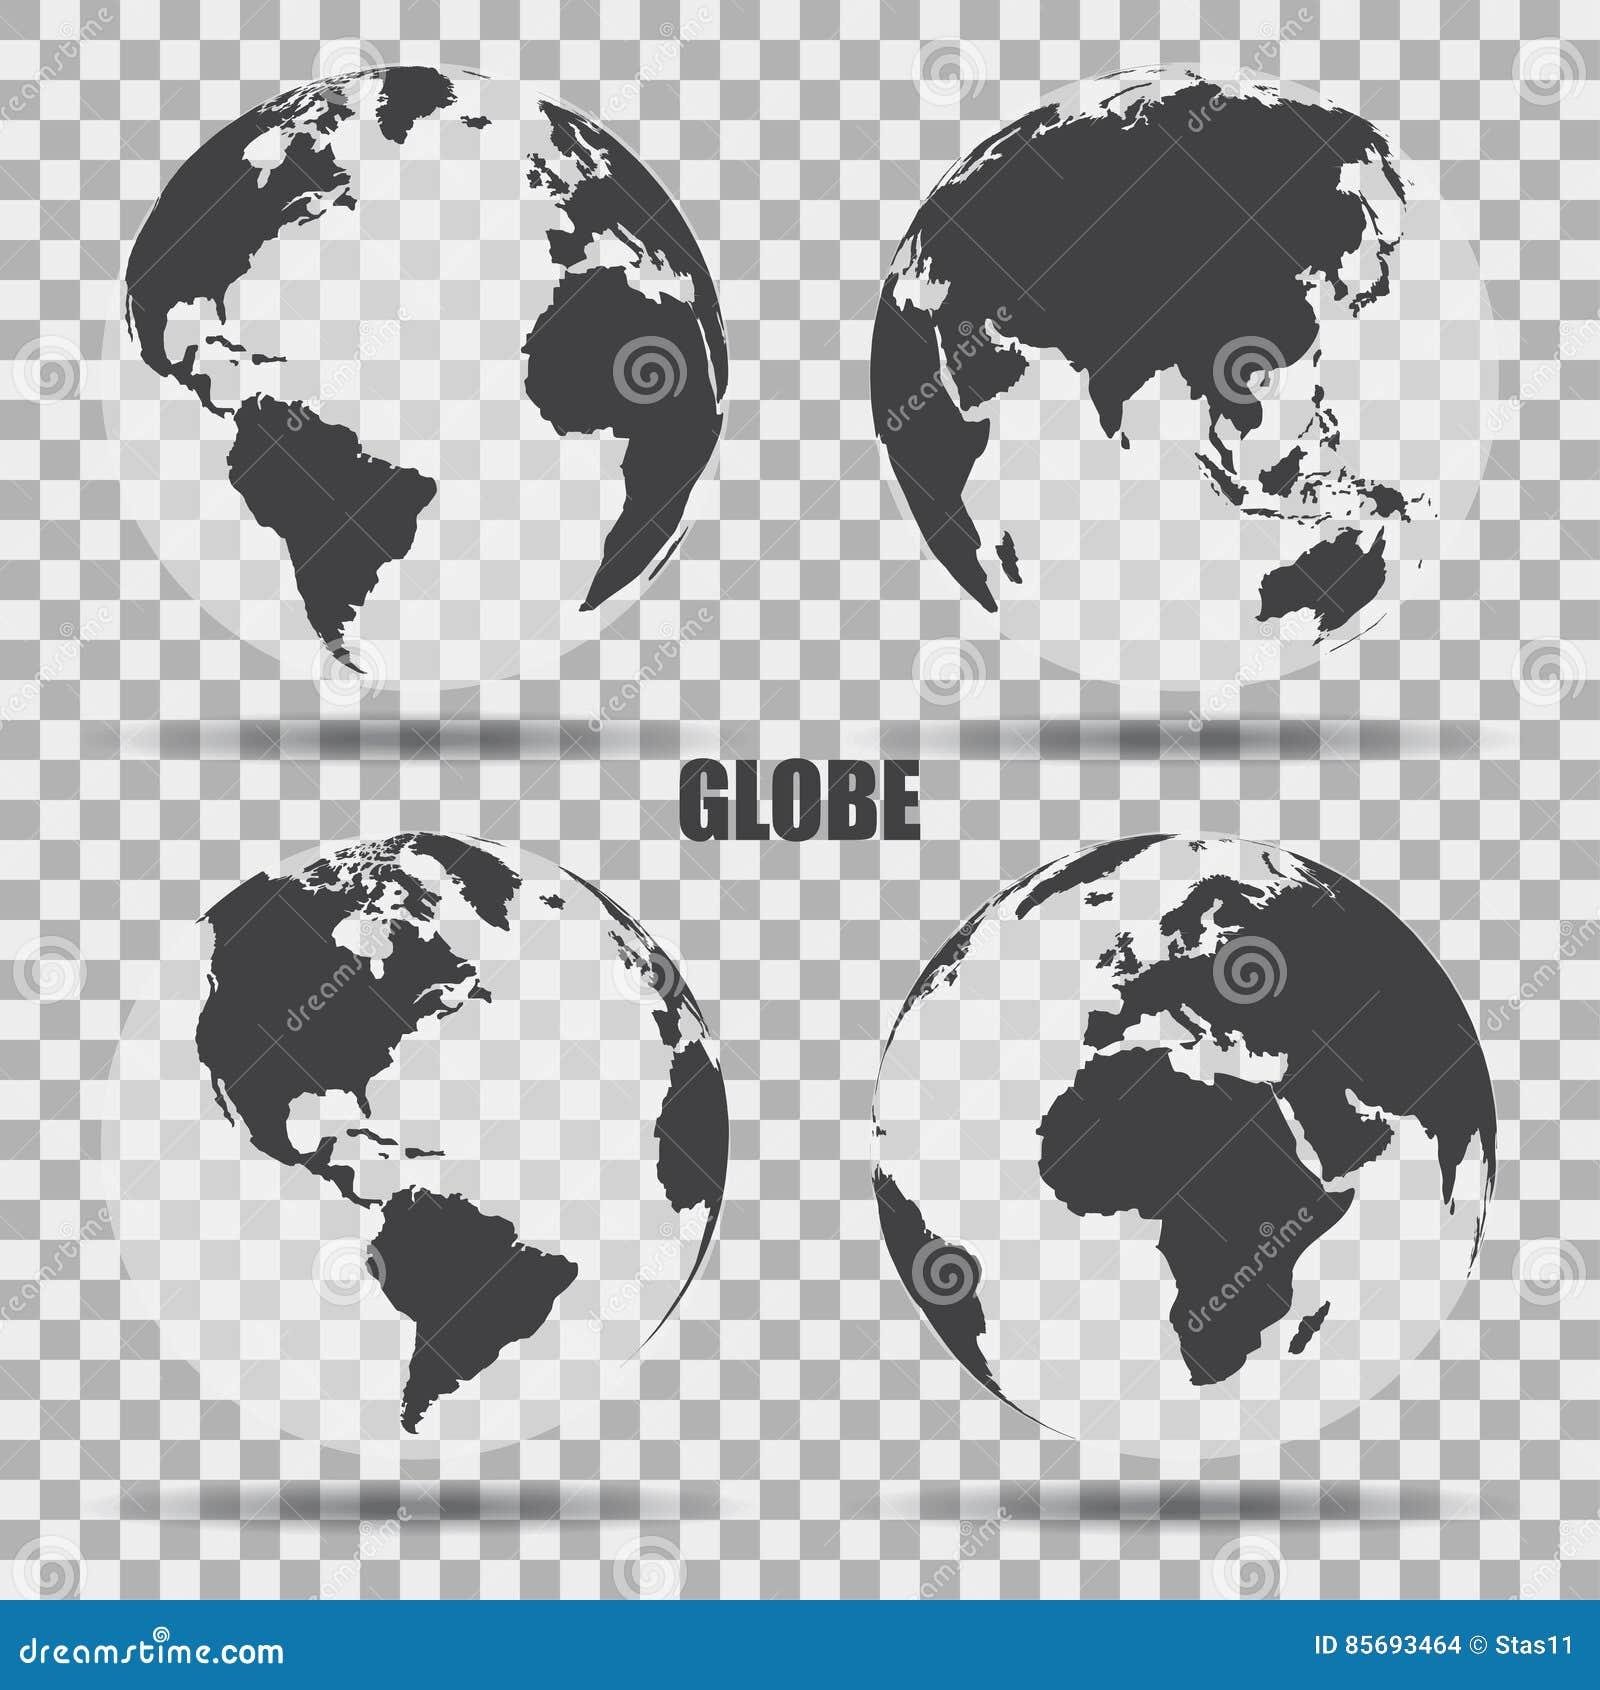 Vector Illustratie van grijze bolpictogrammen met verschillende continenten Transparante Achtergrond Realistische schaduw